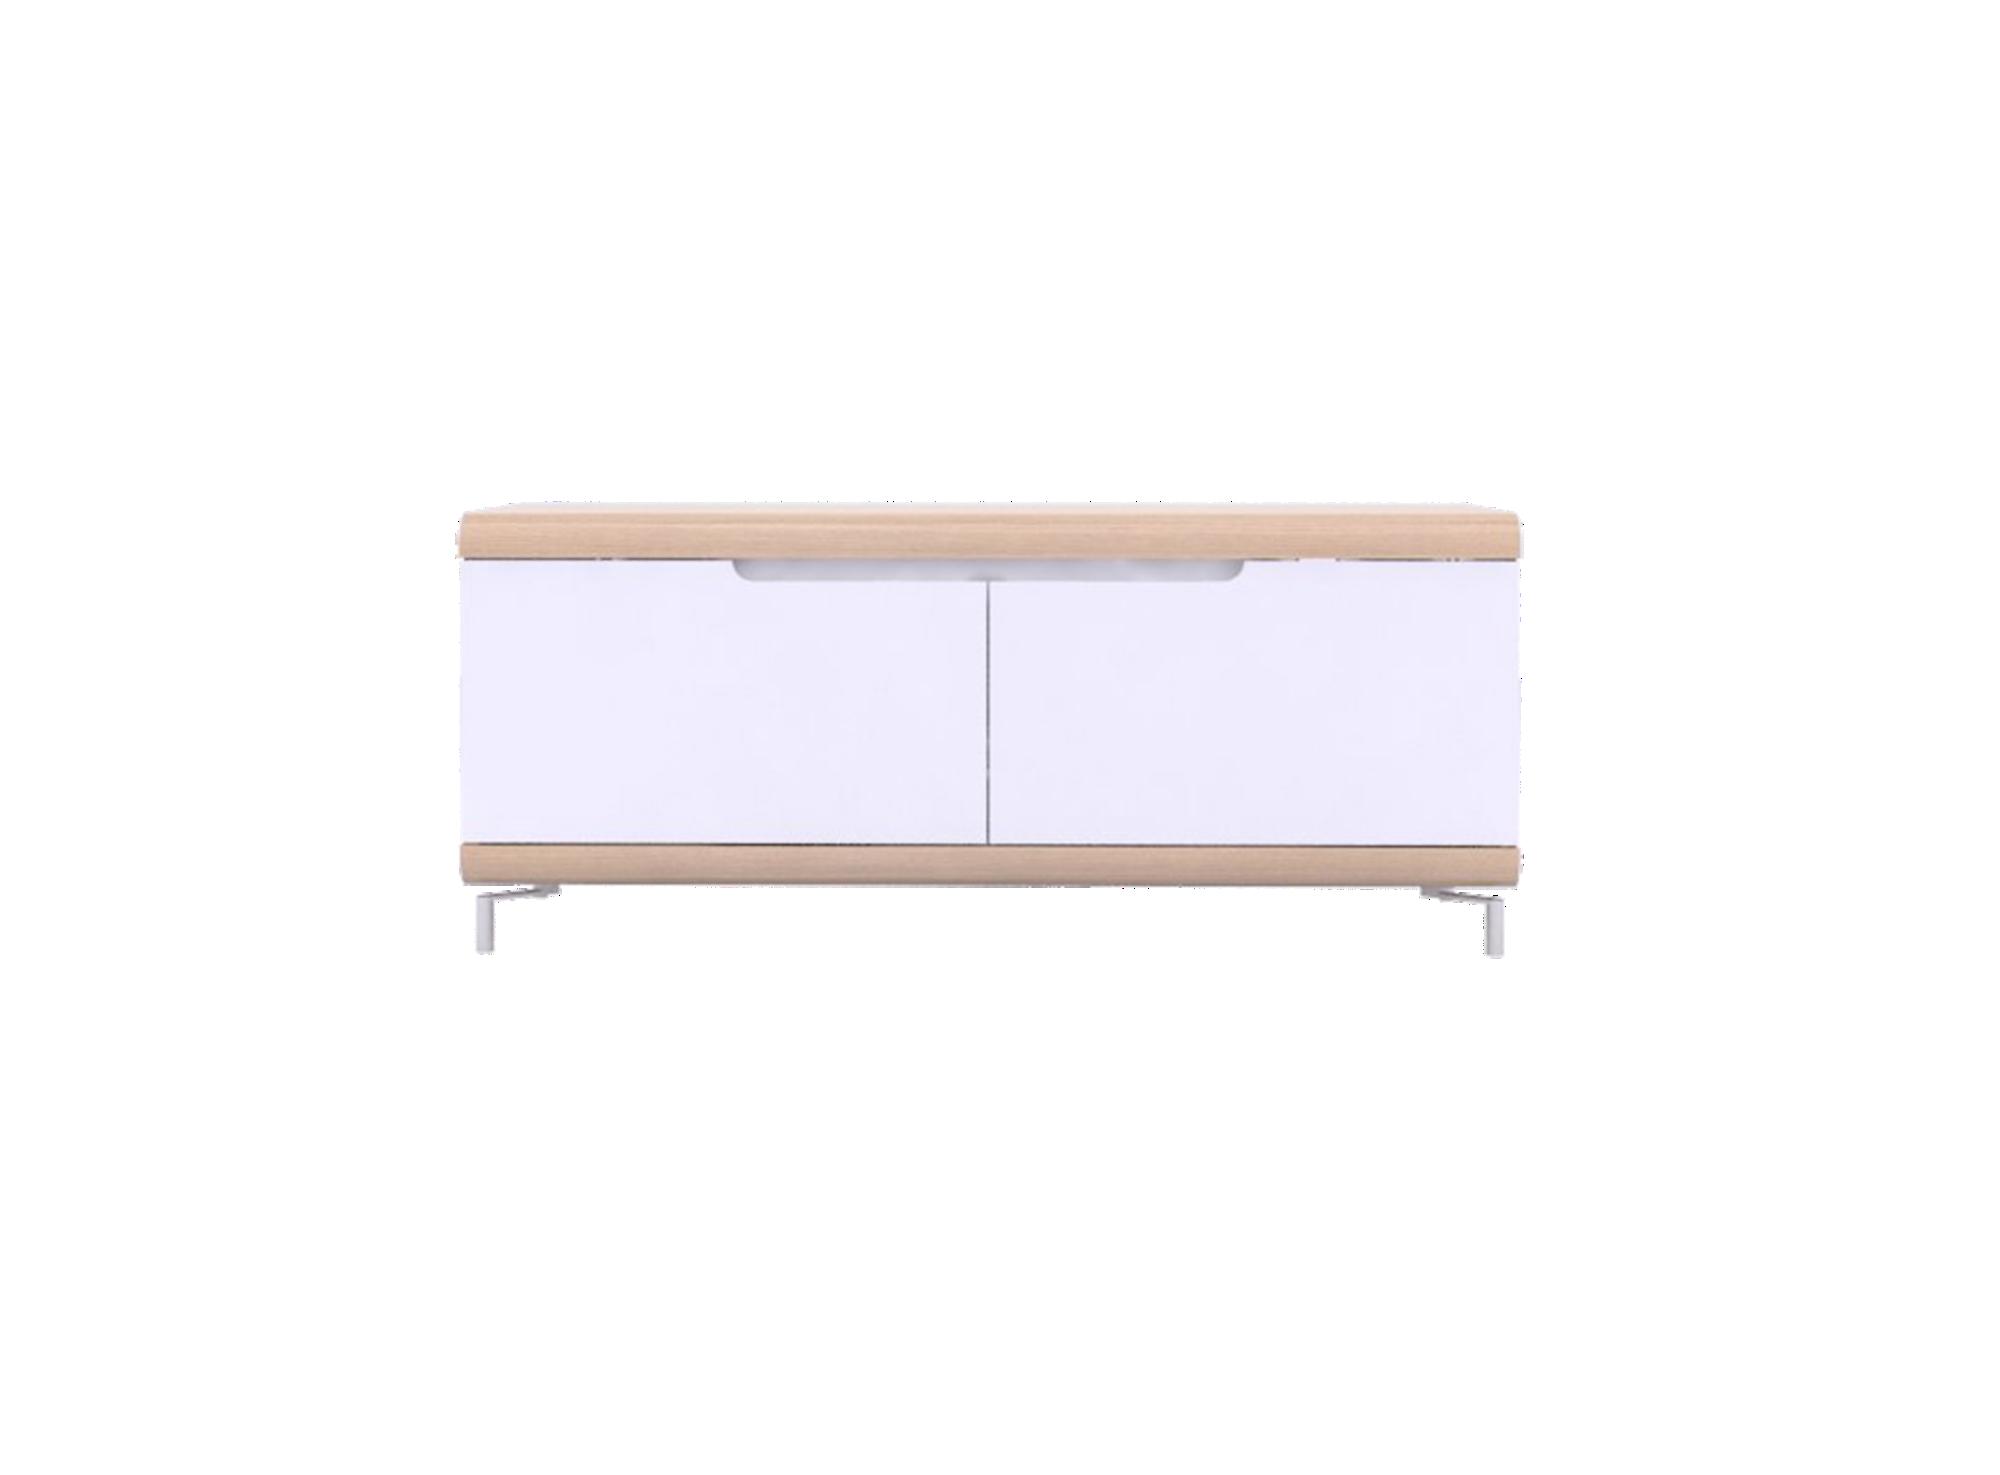 Meuble tv 2abattants chene /blanc. structure panneau de particules + ...